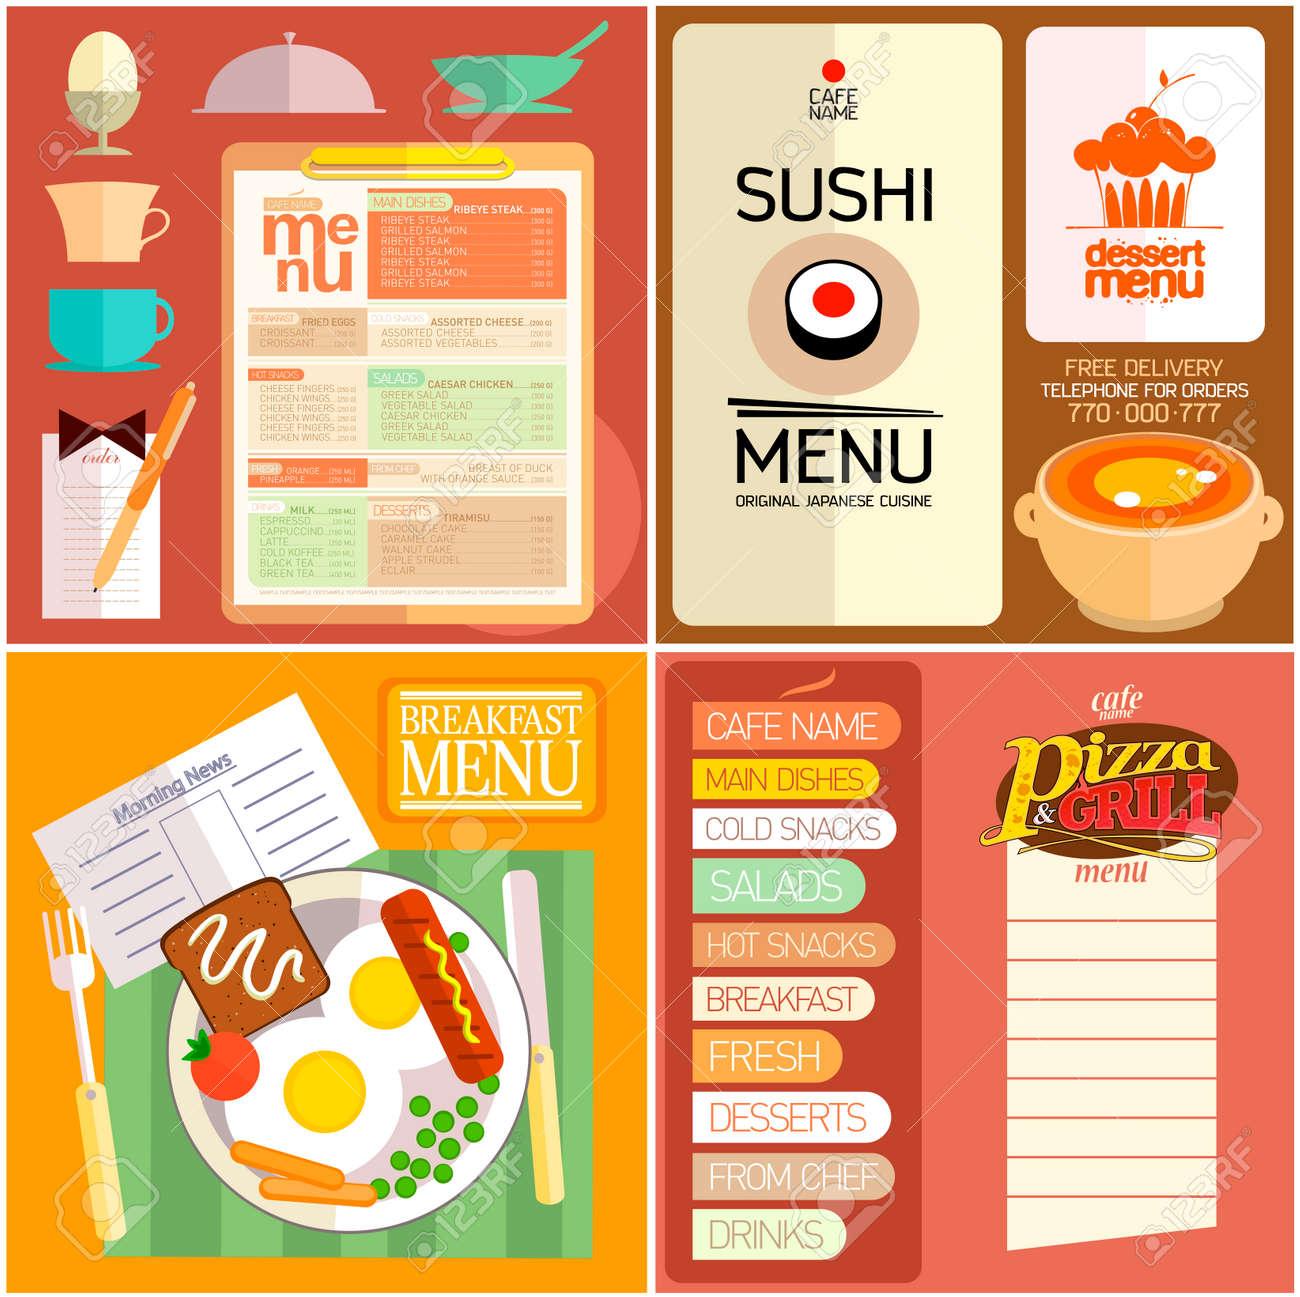 flat design restaurant menu, sushi menu, breakfast menu, dessert